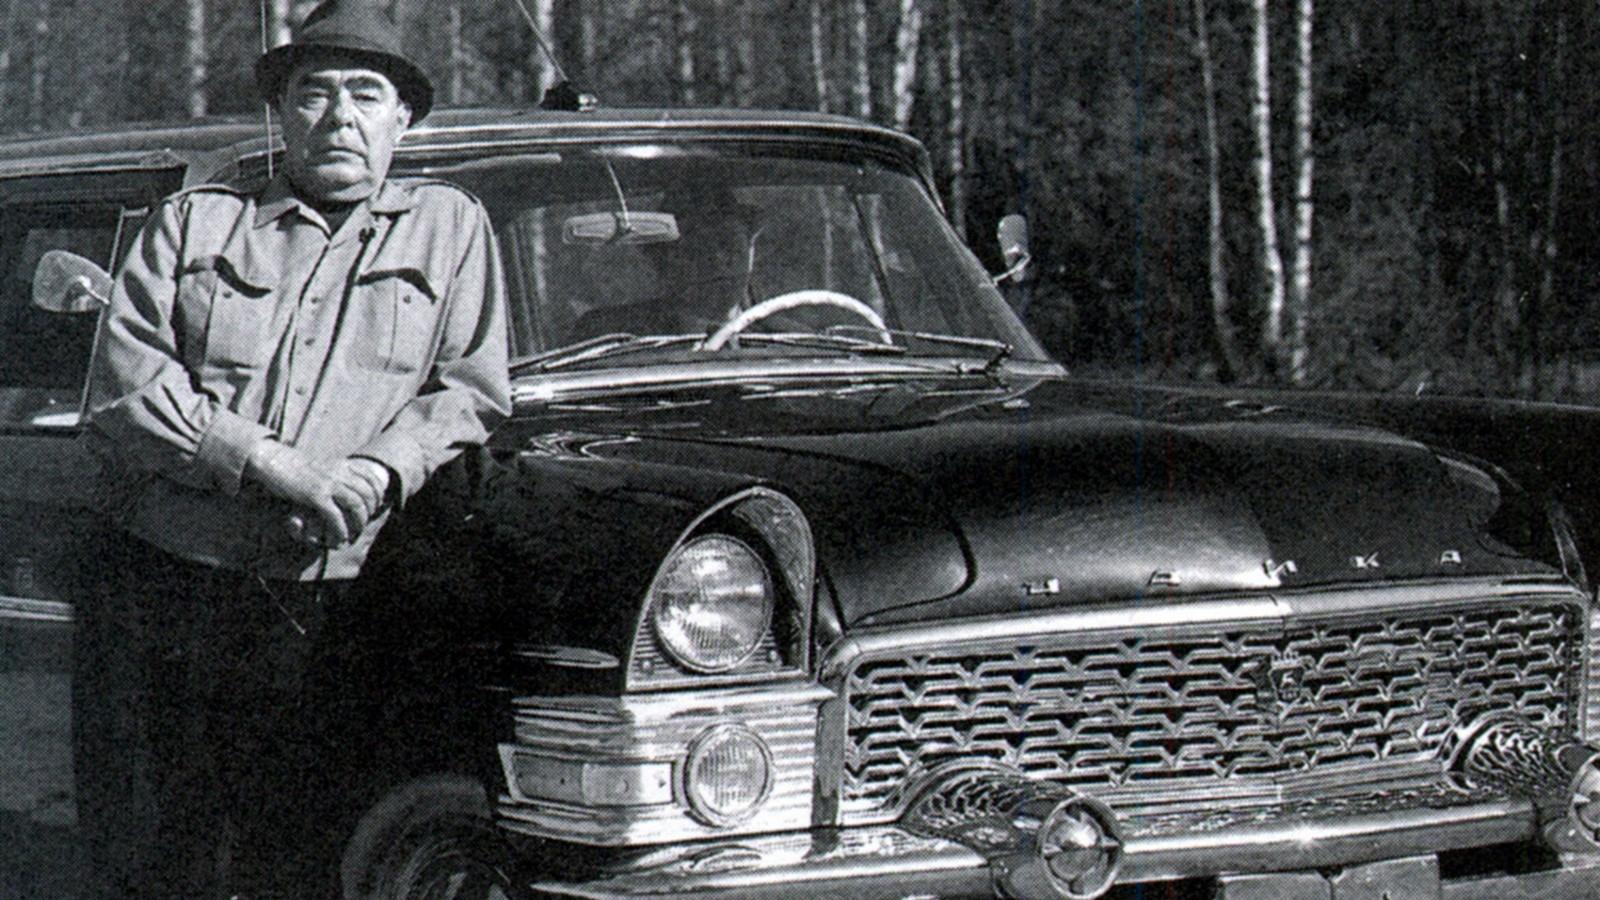 Собственной персоной: Леонид Брежнев возле ГАЗ-13